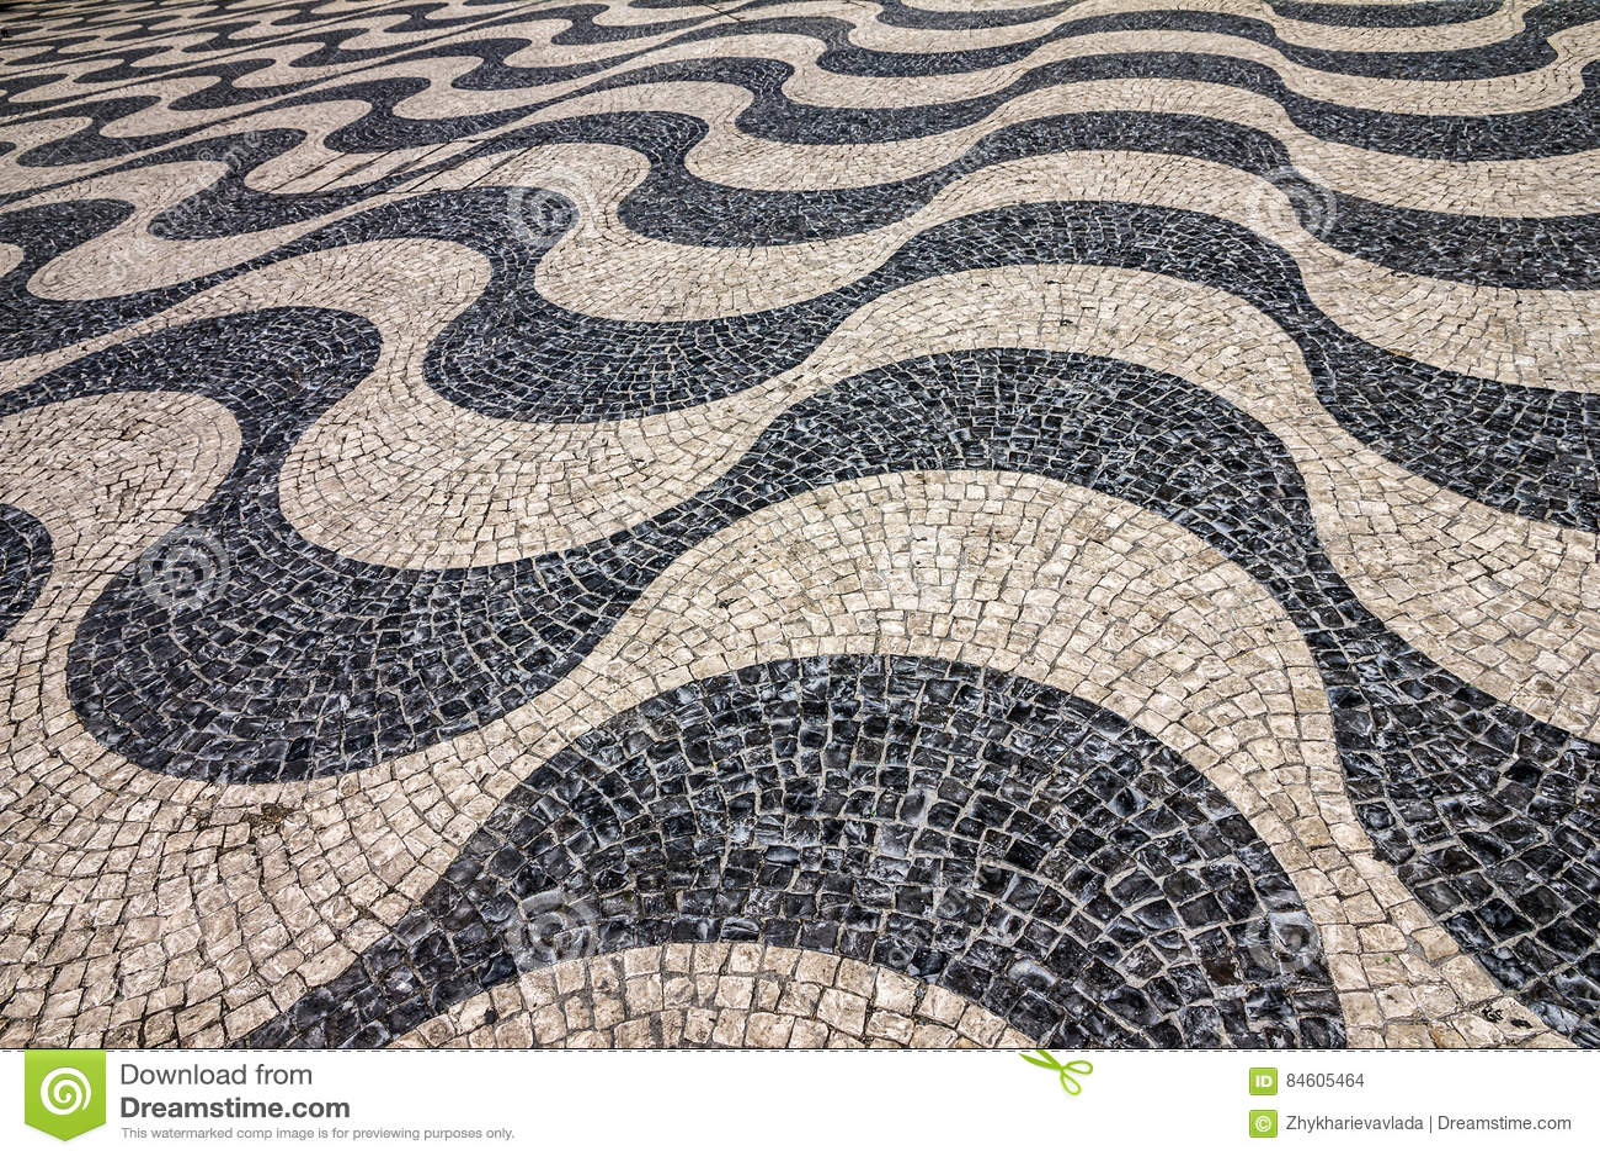 Fußboden Graß Rehmstraße Osnabrück ~ Fußboden ziegel fußboden ziegel ziegel für fußböden alle